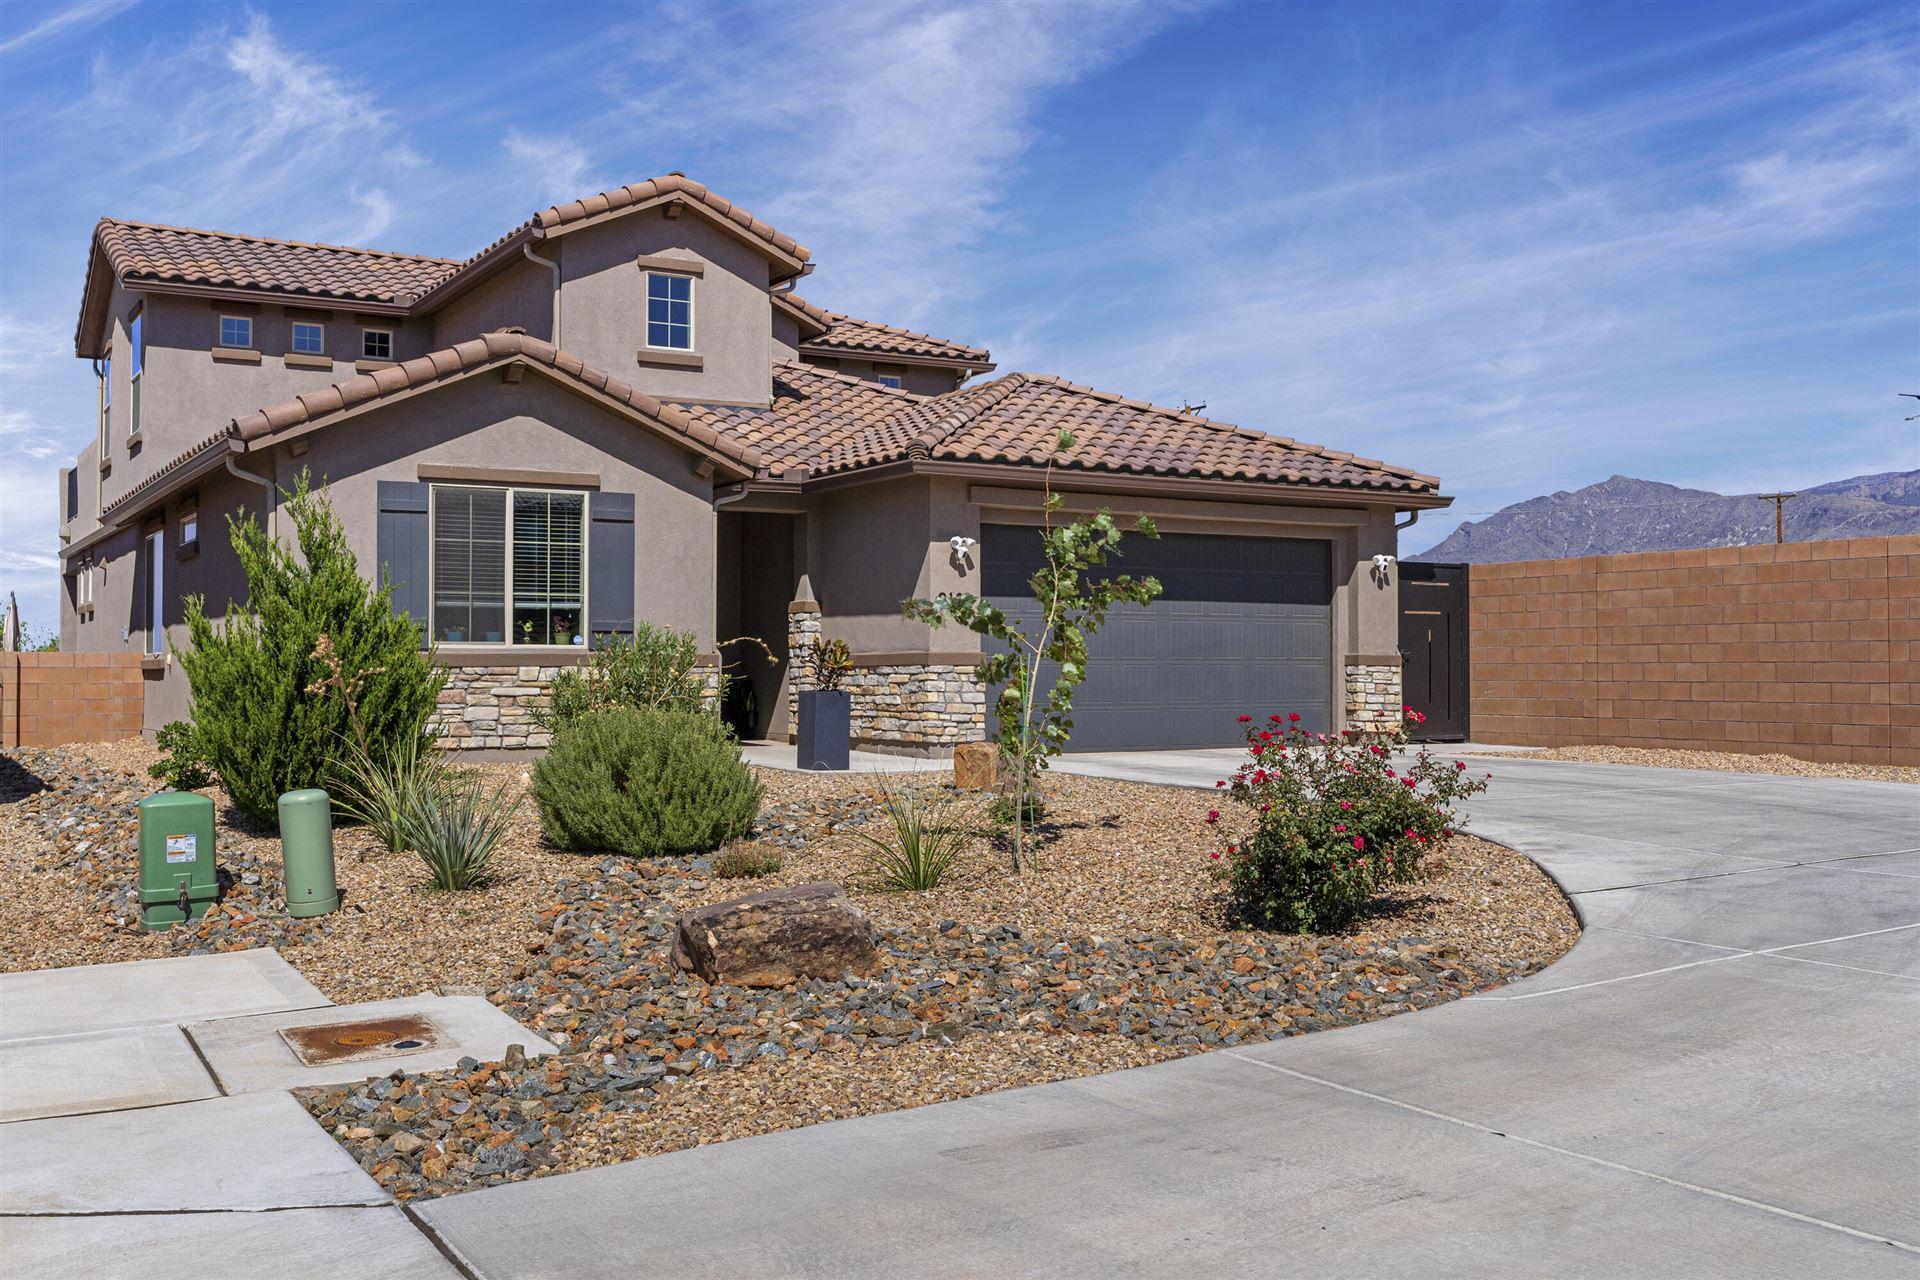 Photo of 9120 Lansdowne Place NE, Albuquerque, NM 87113 (MLS # 1001513)